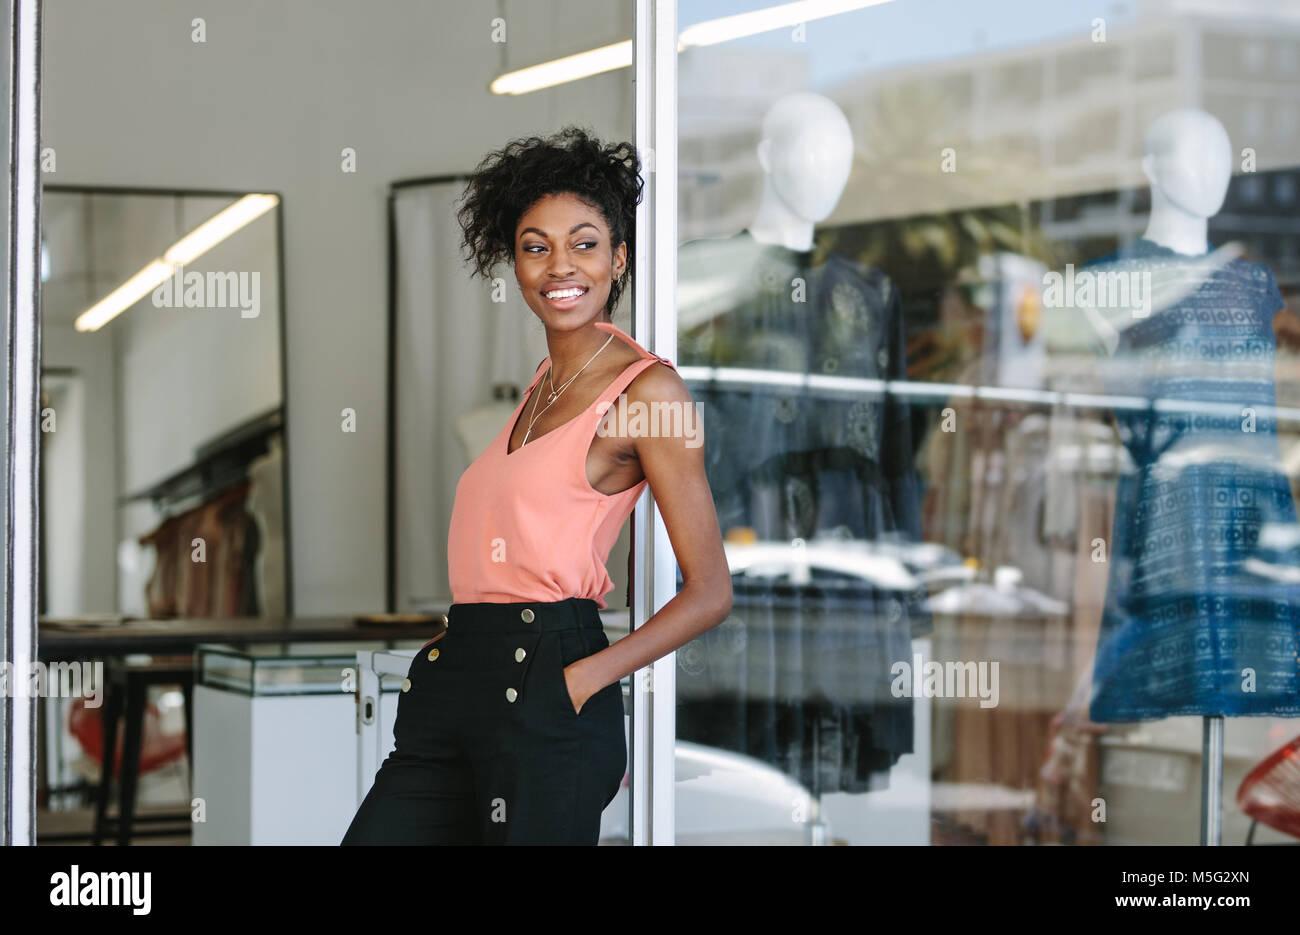 fd1ca93c7fc3 Abito sorridente designer nel suo negozio di stoffa con abiti firmati sul  display. Imprenditrice donna in piedi all ingresso del suo studio di moda.